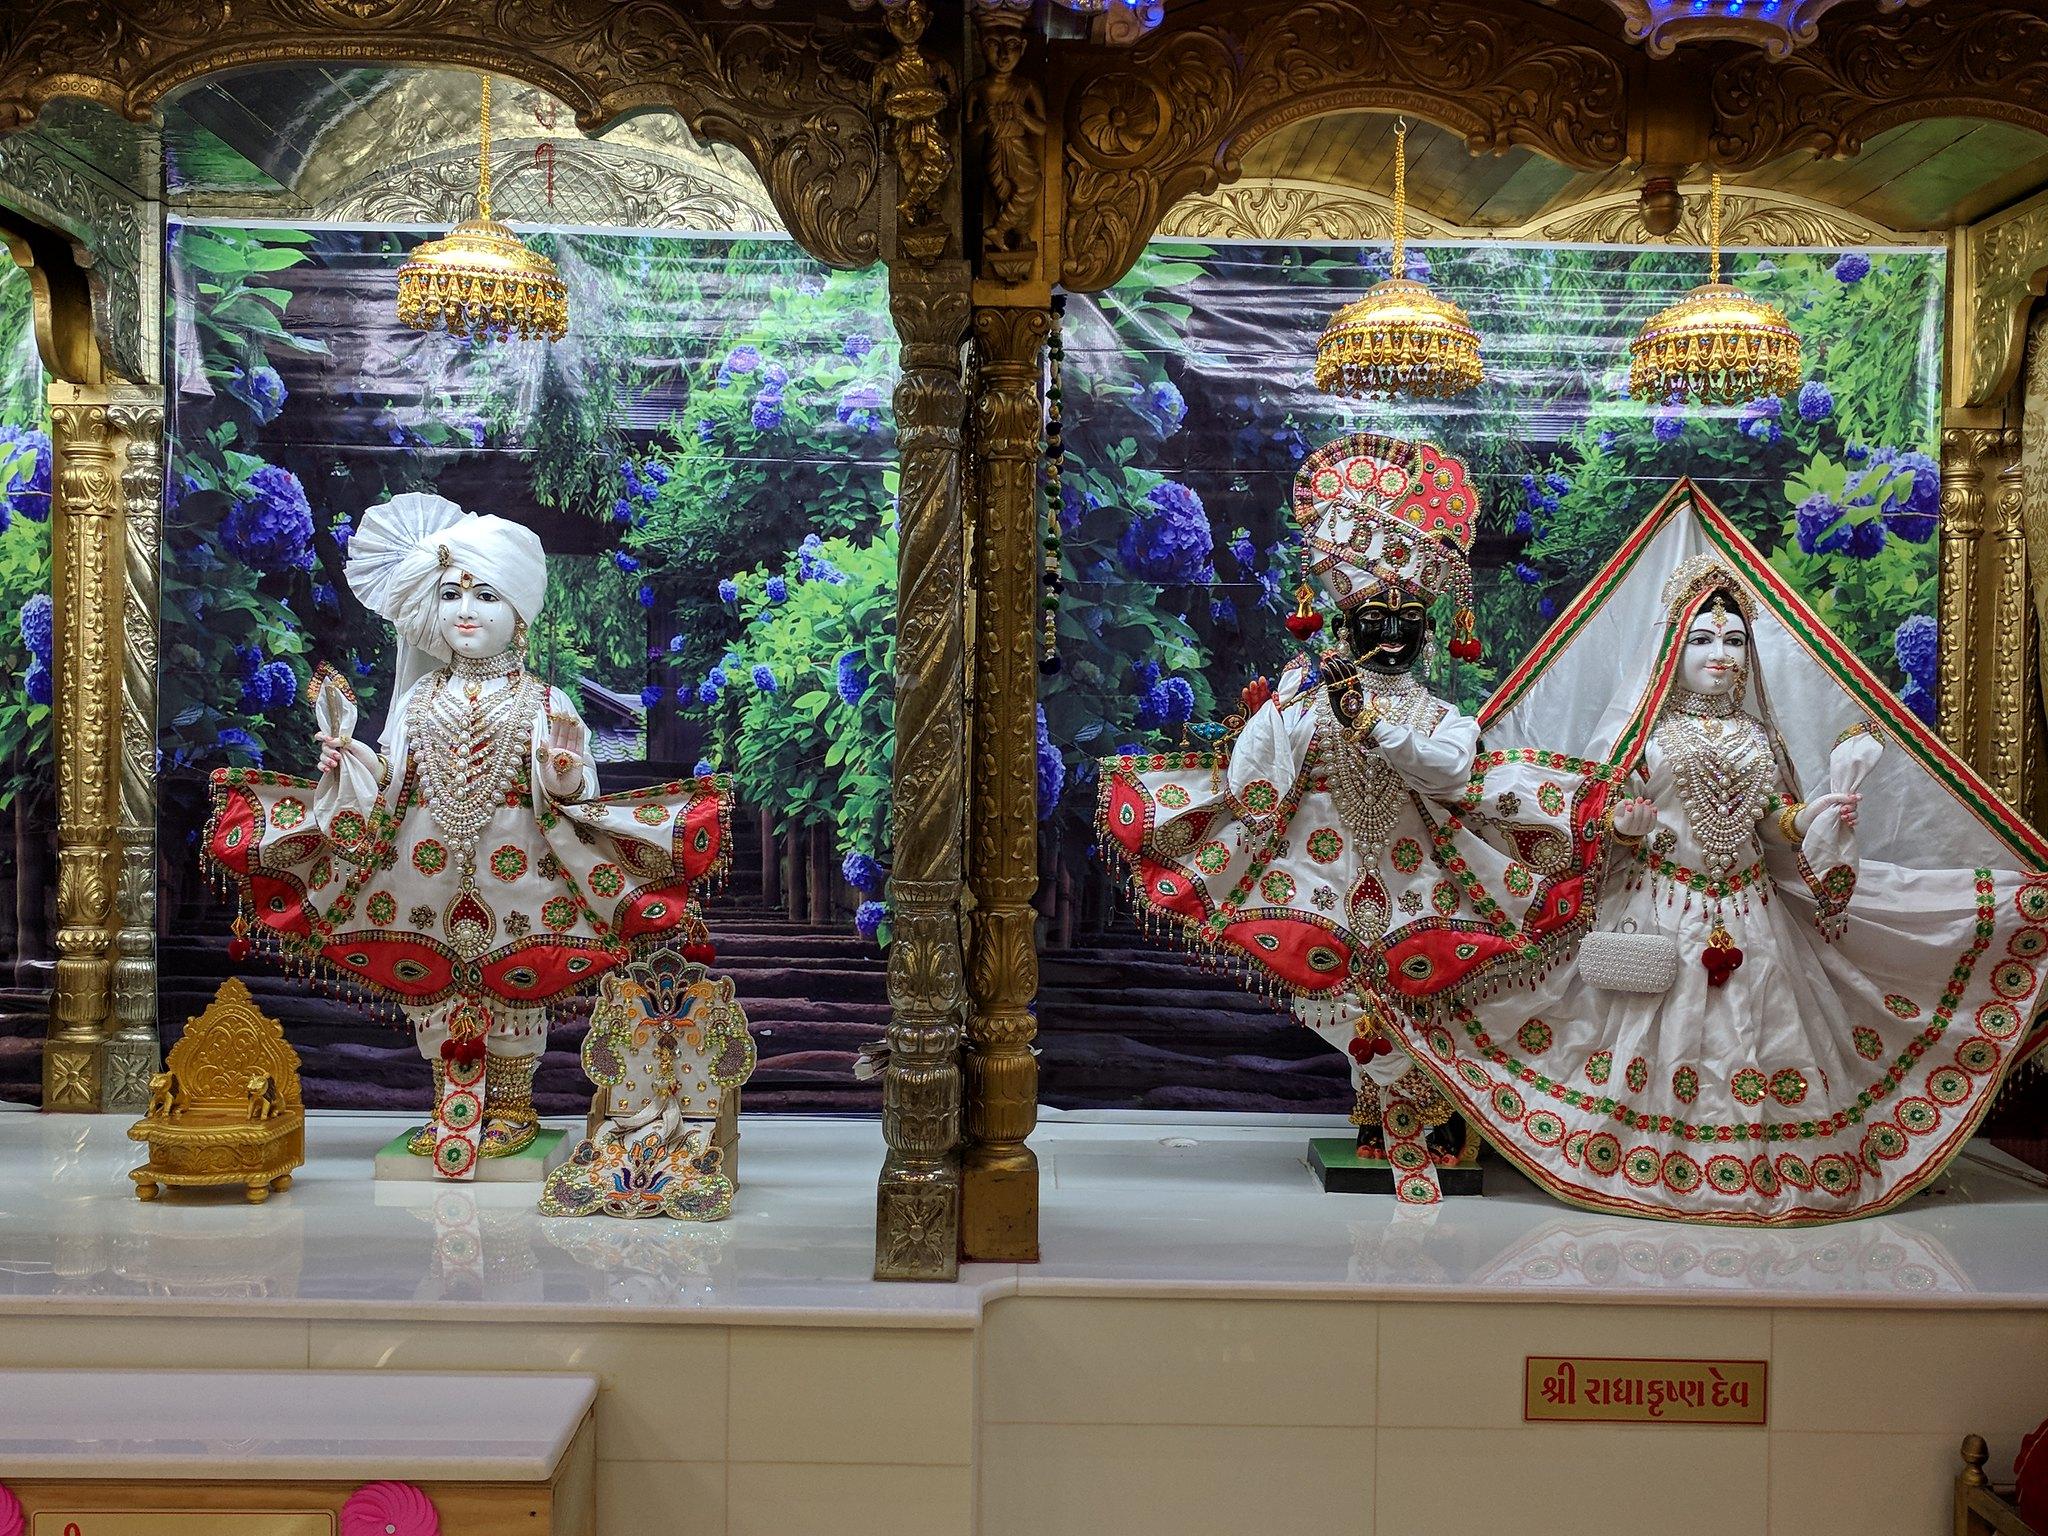 Vasant Panchmi (Shikshapatri Jayanti) - Parsippany